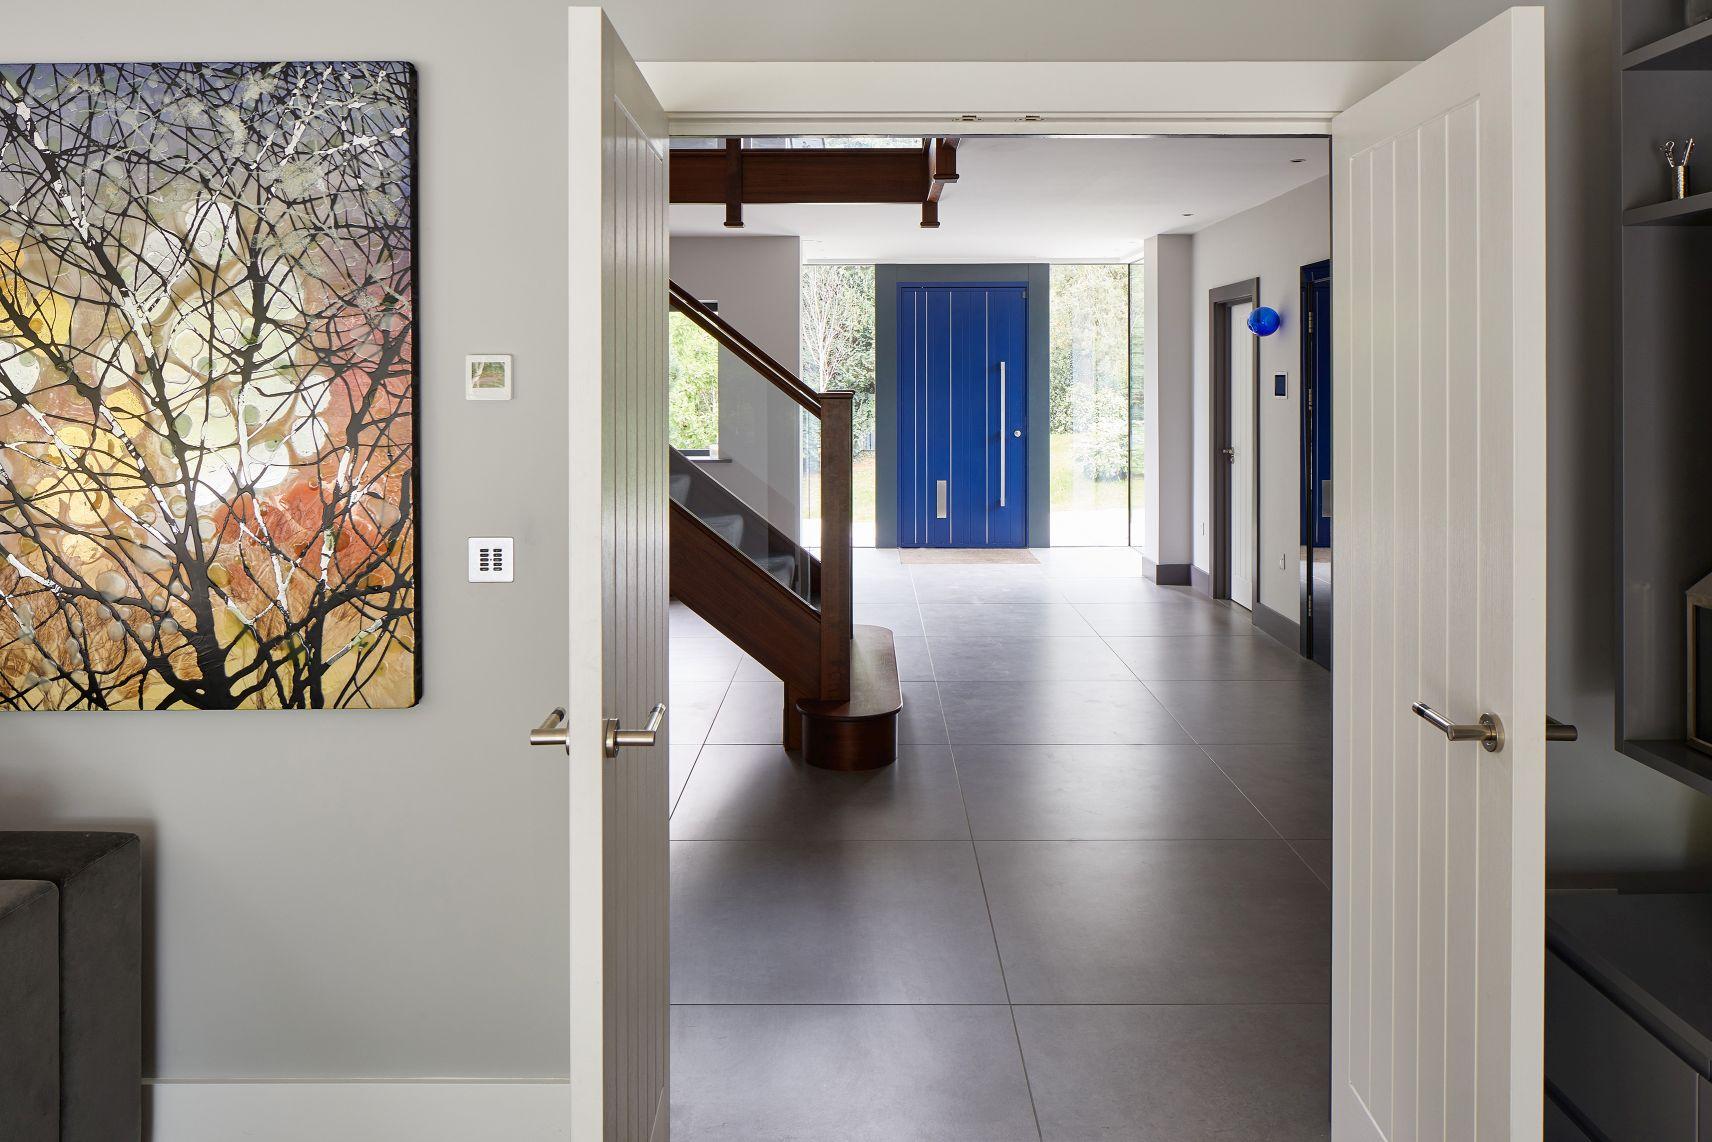 6urban-frontblue-door-house.jpg